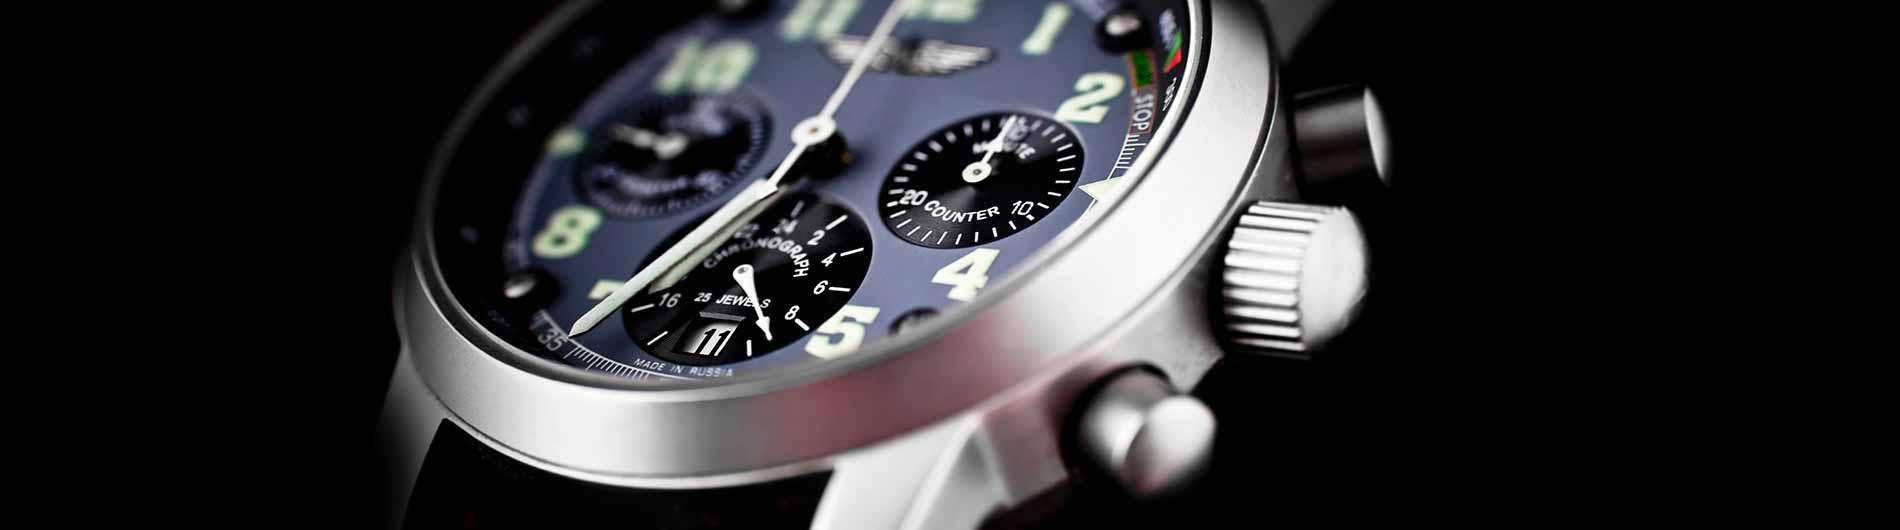 closeup of Men's luxury watch